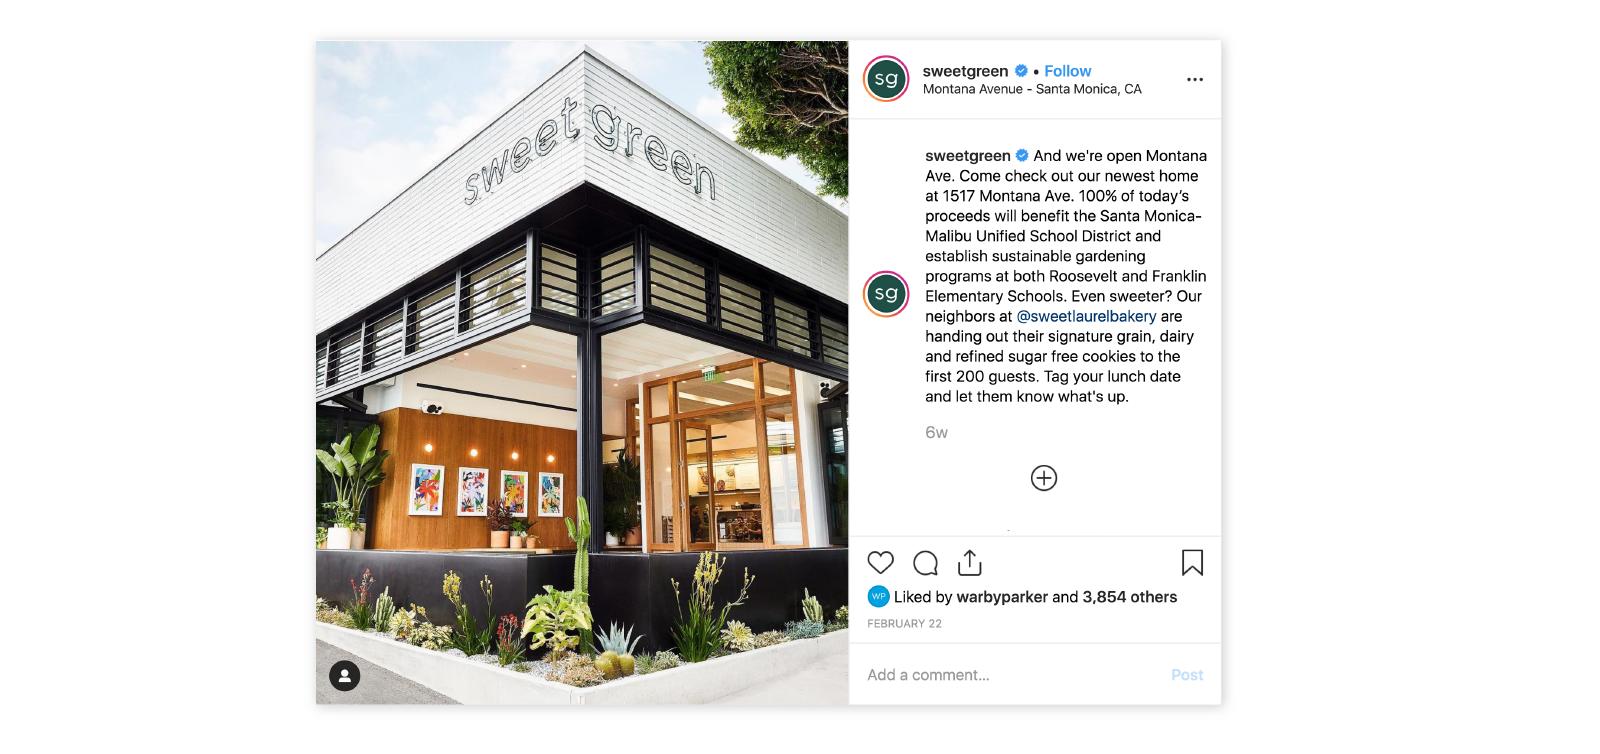 sweet green instagram restaurant porch photo